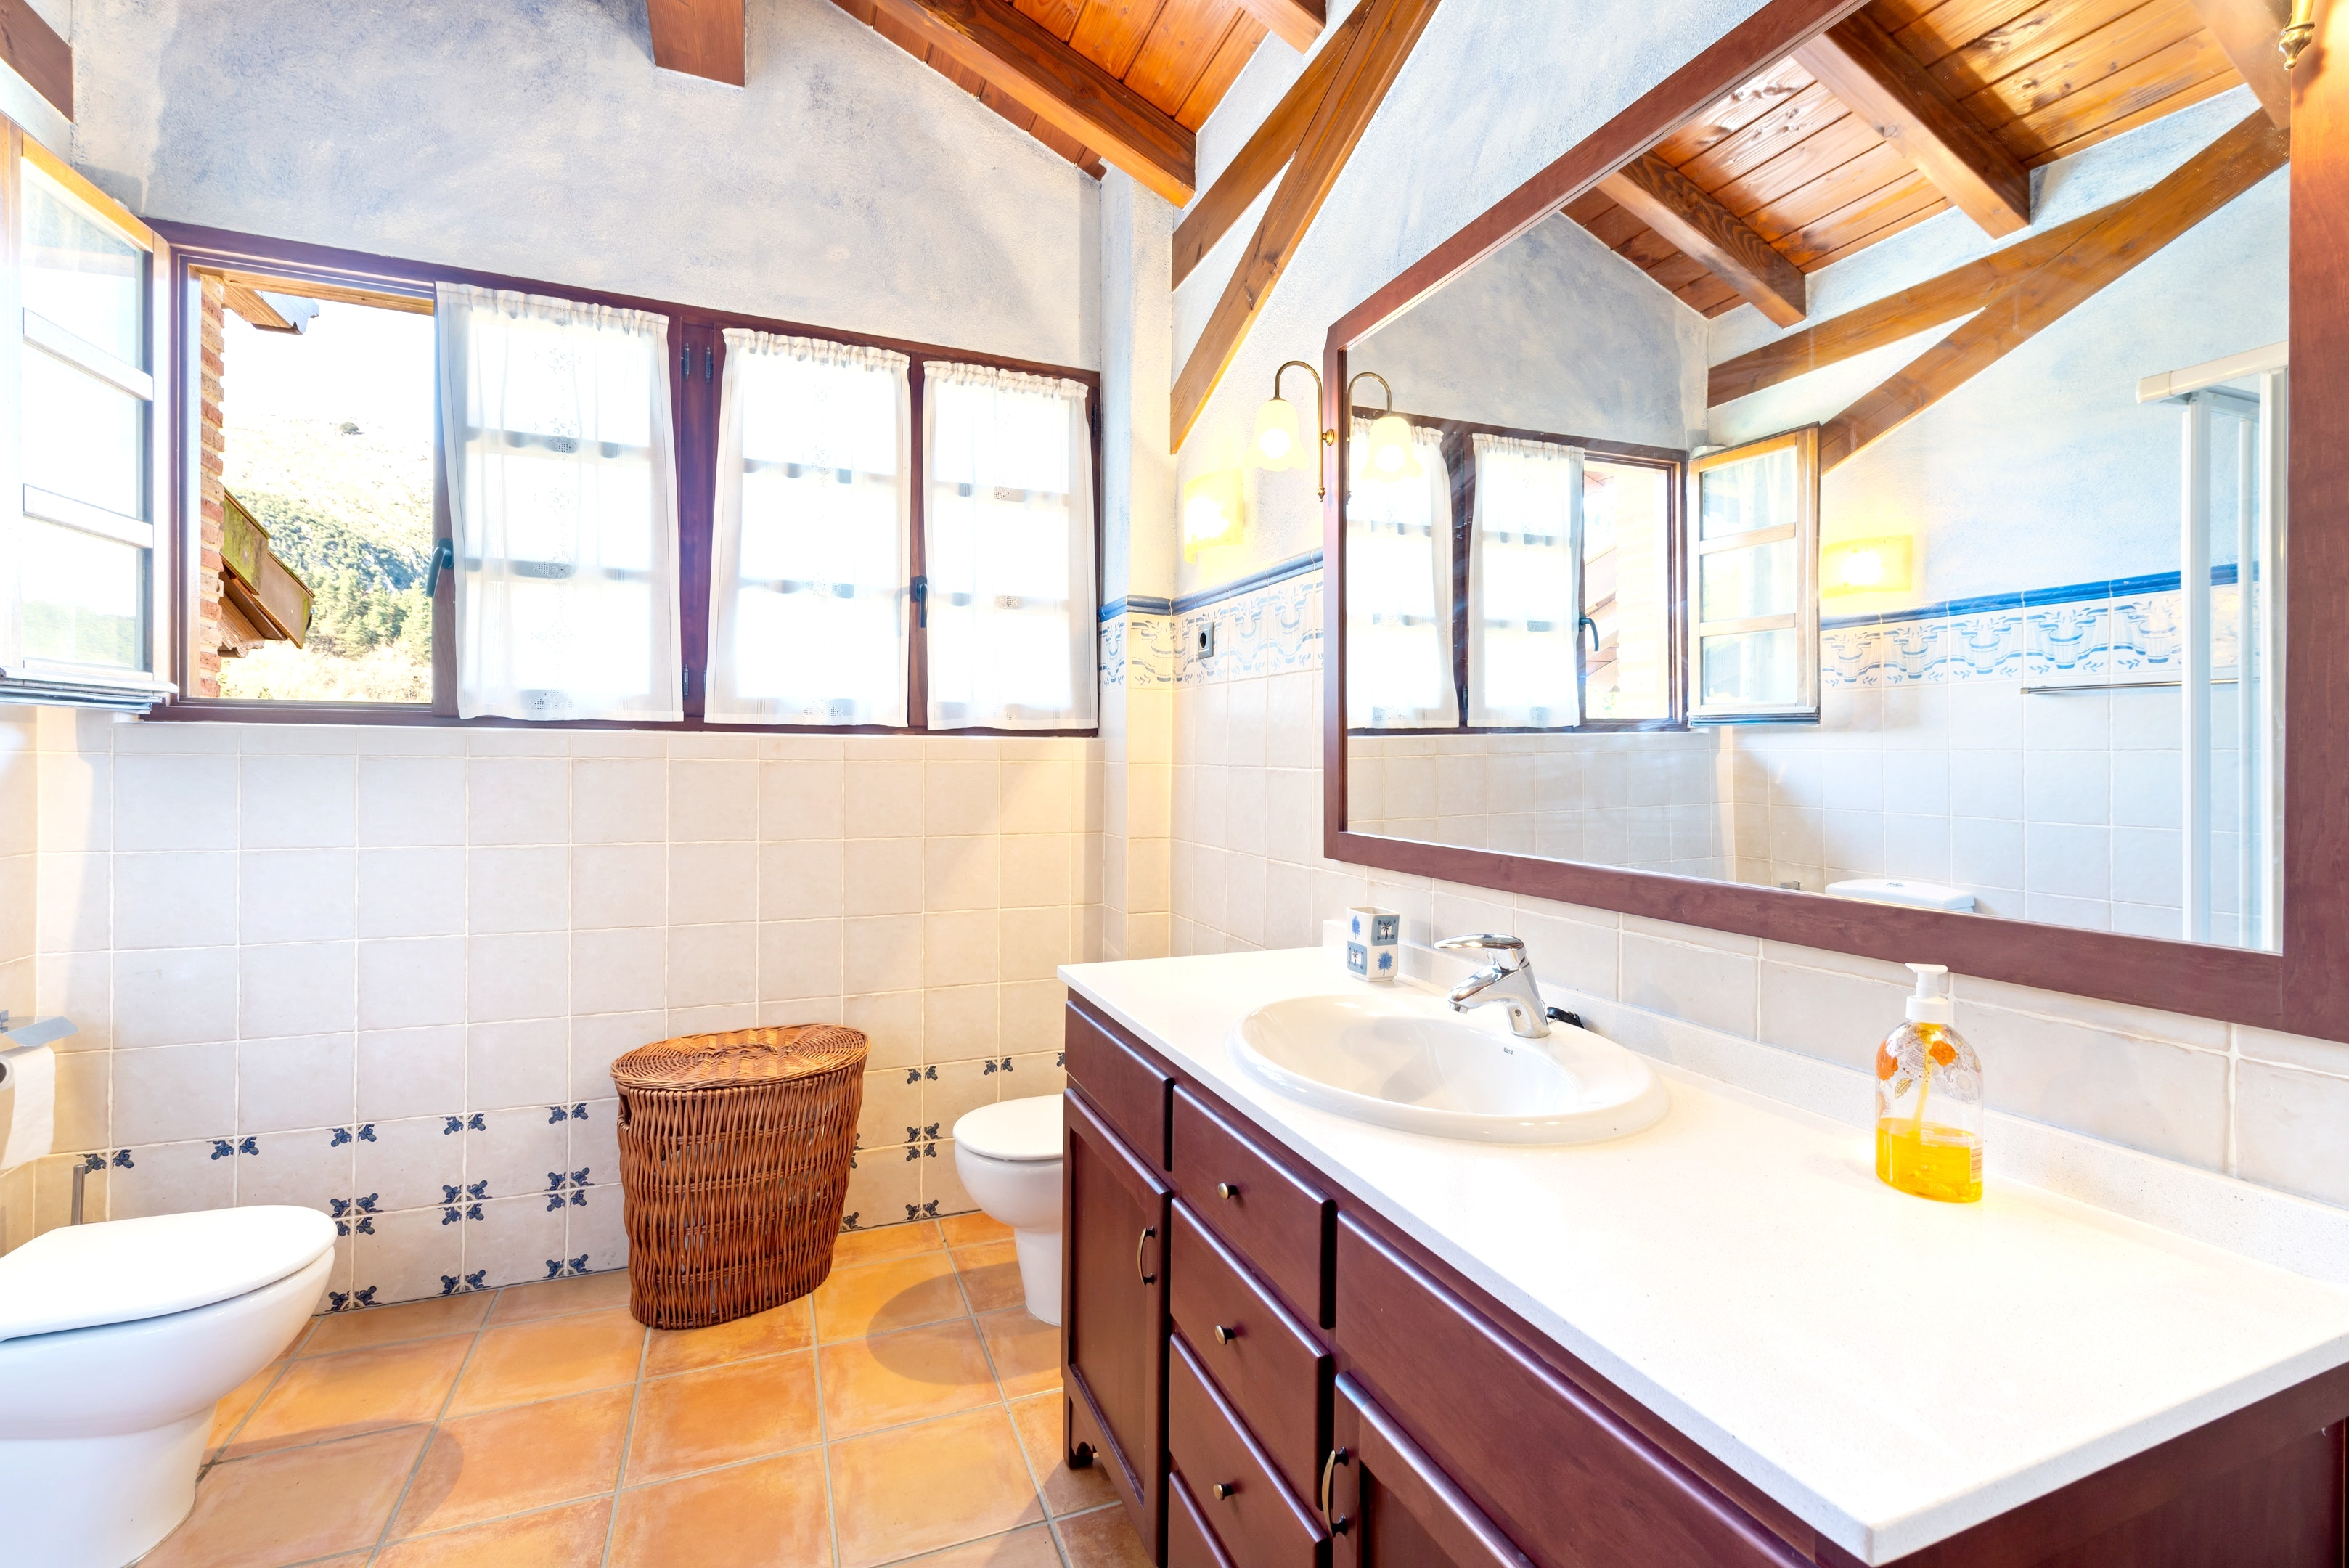 Ferienhaus Villa mit 6 Schlafzimmern in Bizkaia mit privatem Pool und möblierter Terrasse (2519370), Dima, Bizkaia, Baskenland, Spanien, Bild 21